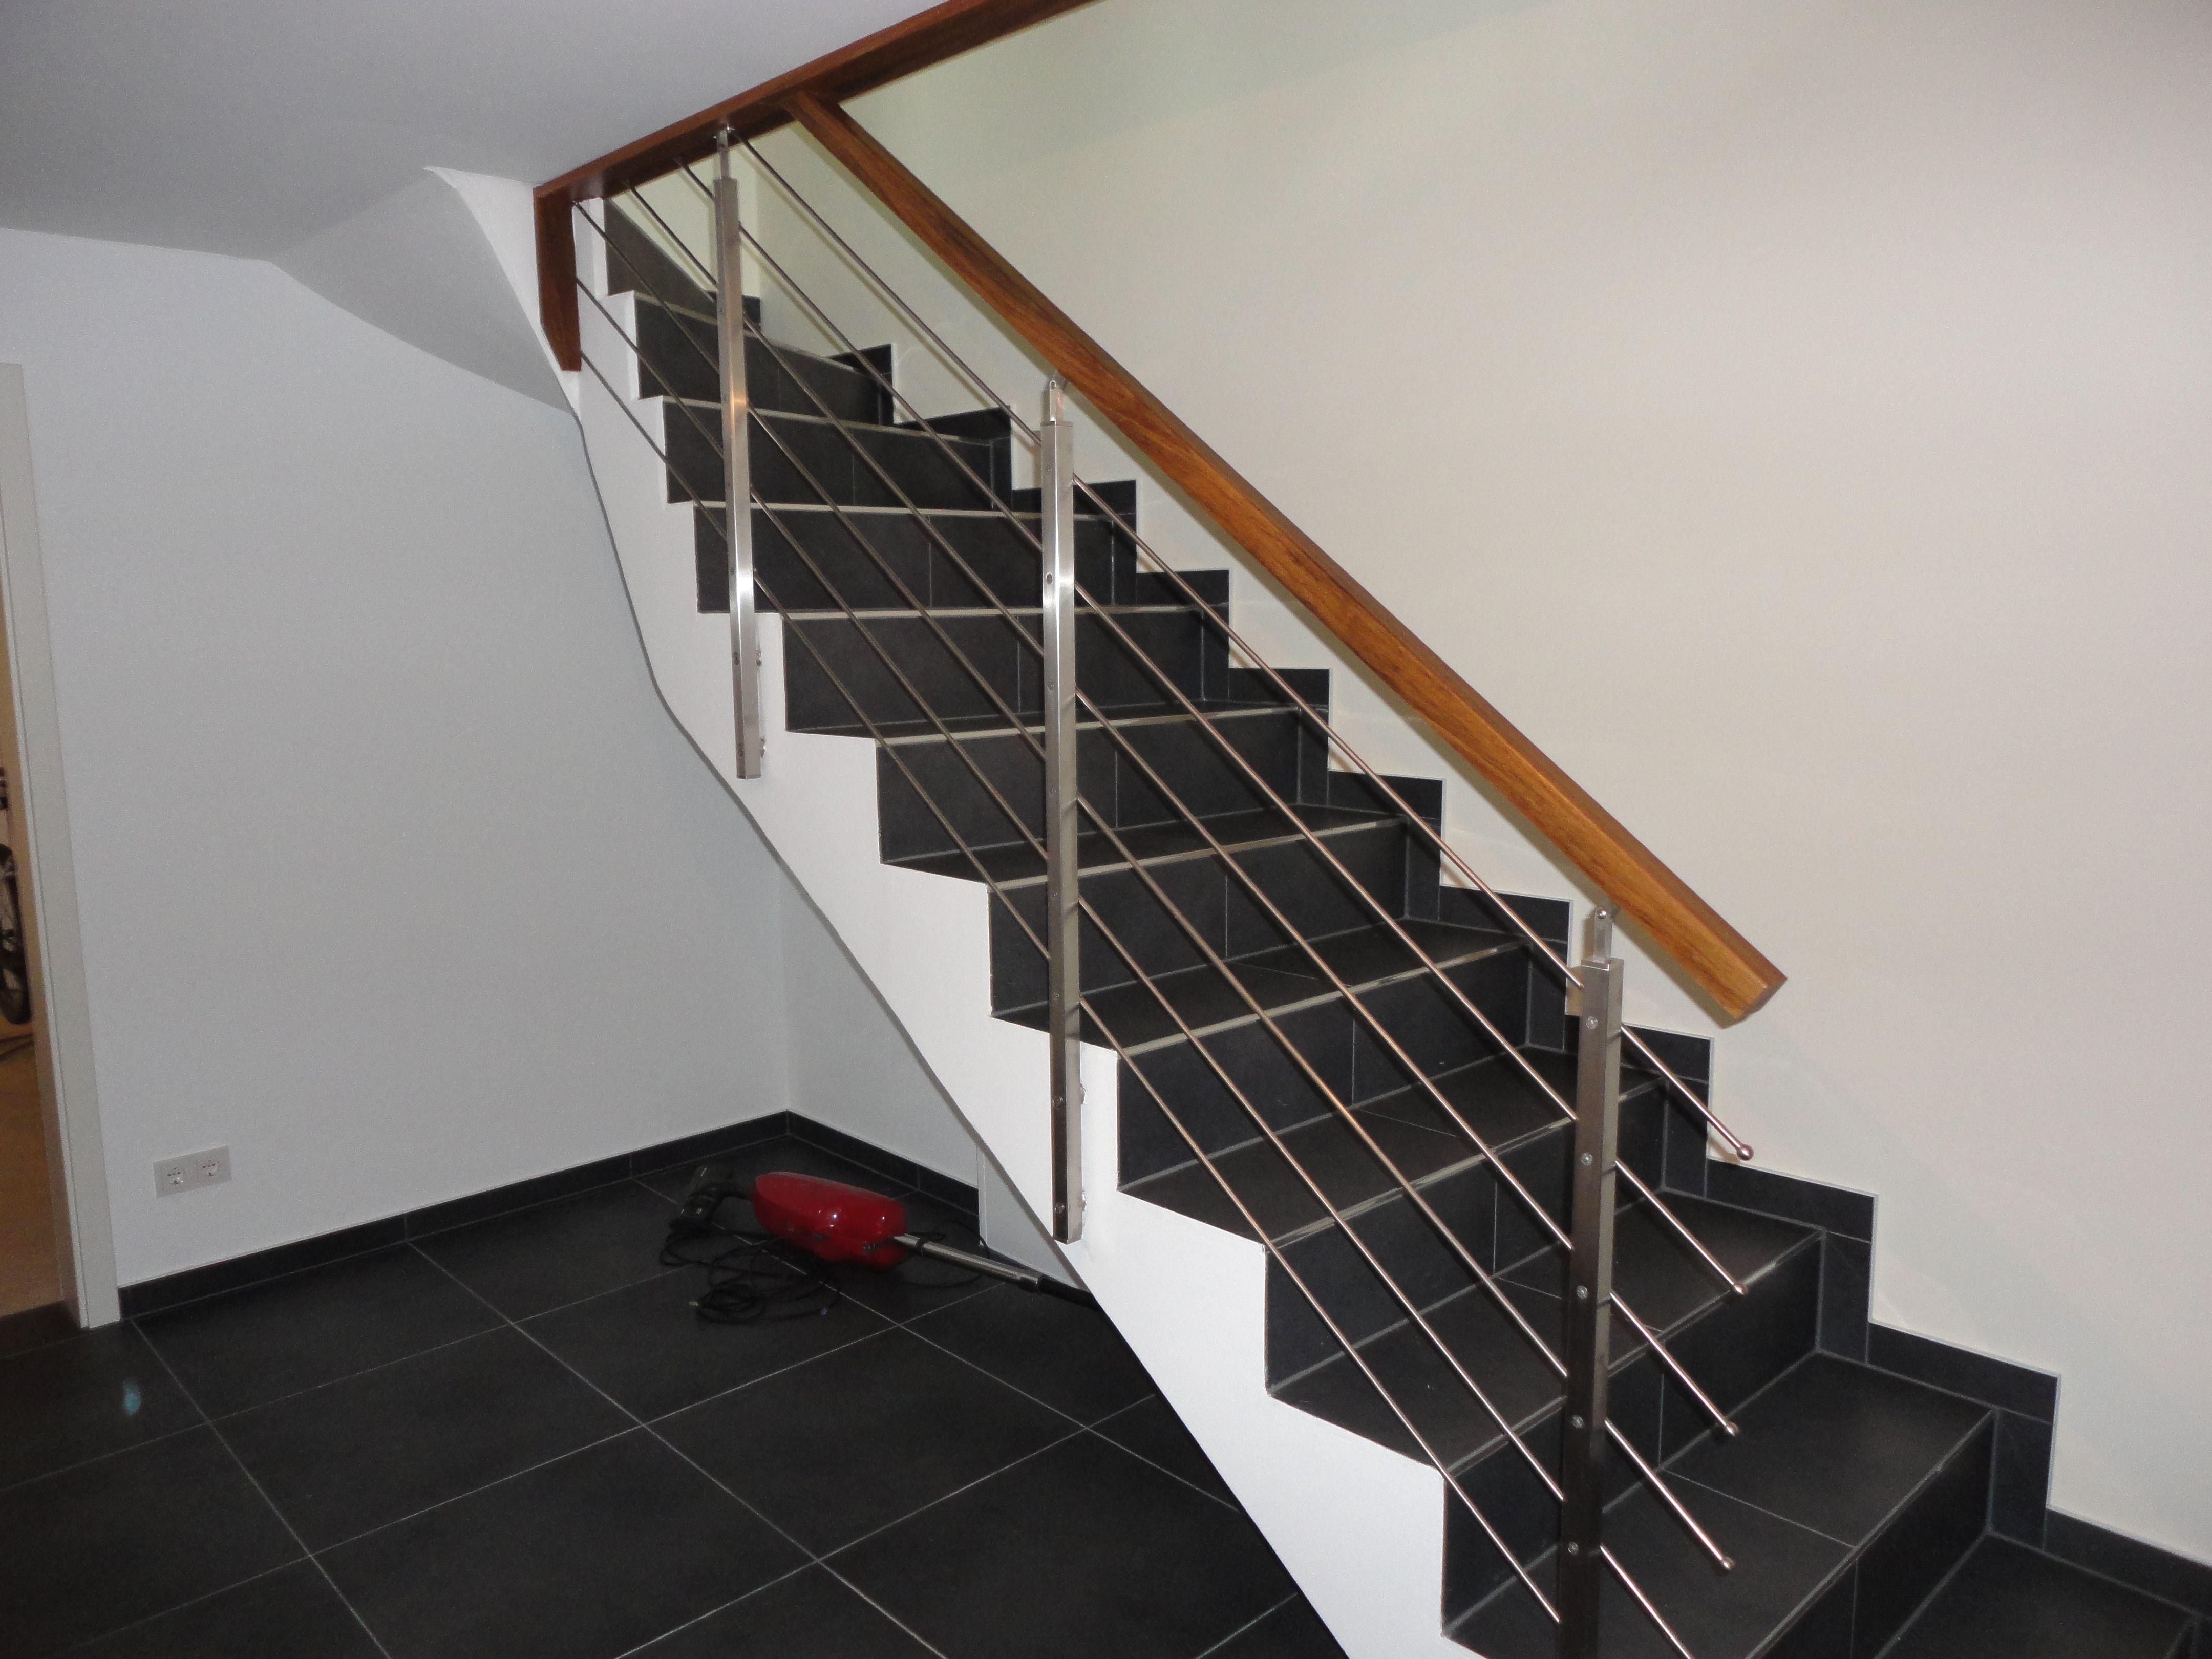 geländer an betontreppe | treppen | pinterest | treppe, betontreppe